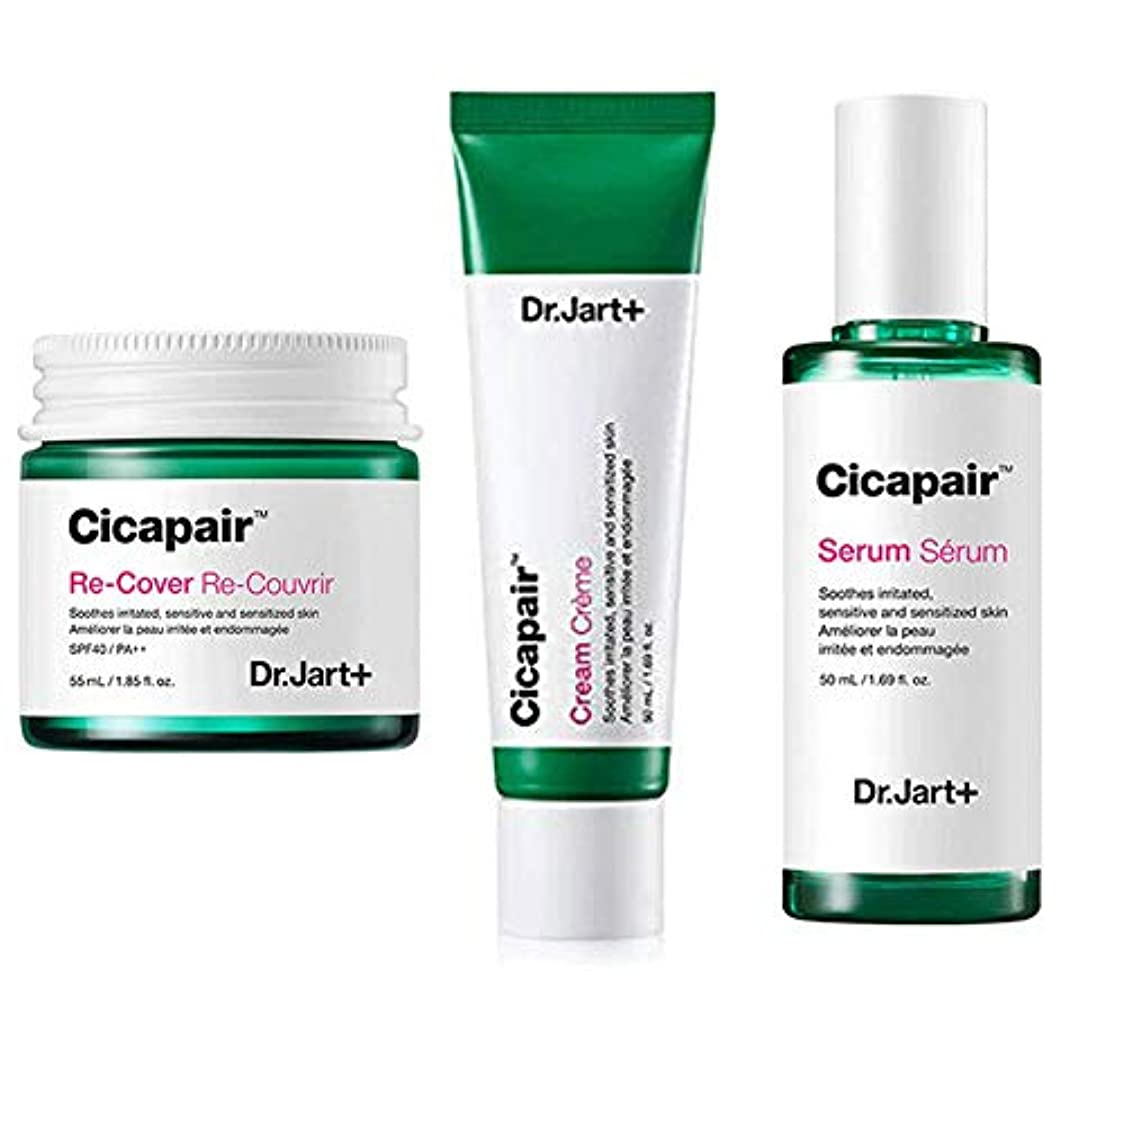 困った三六分儀Dr.Jart+ Cicapair Cream + ReCover + Serum ドクタージャルトシカペアクリーム50ml + リカバー 55ml + セラム 50ml(2代目) セット [並行輸入品]